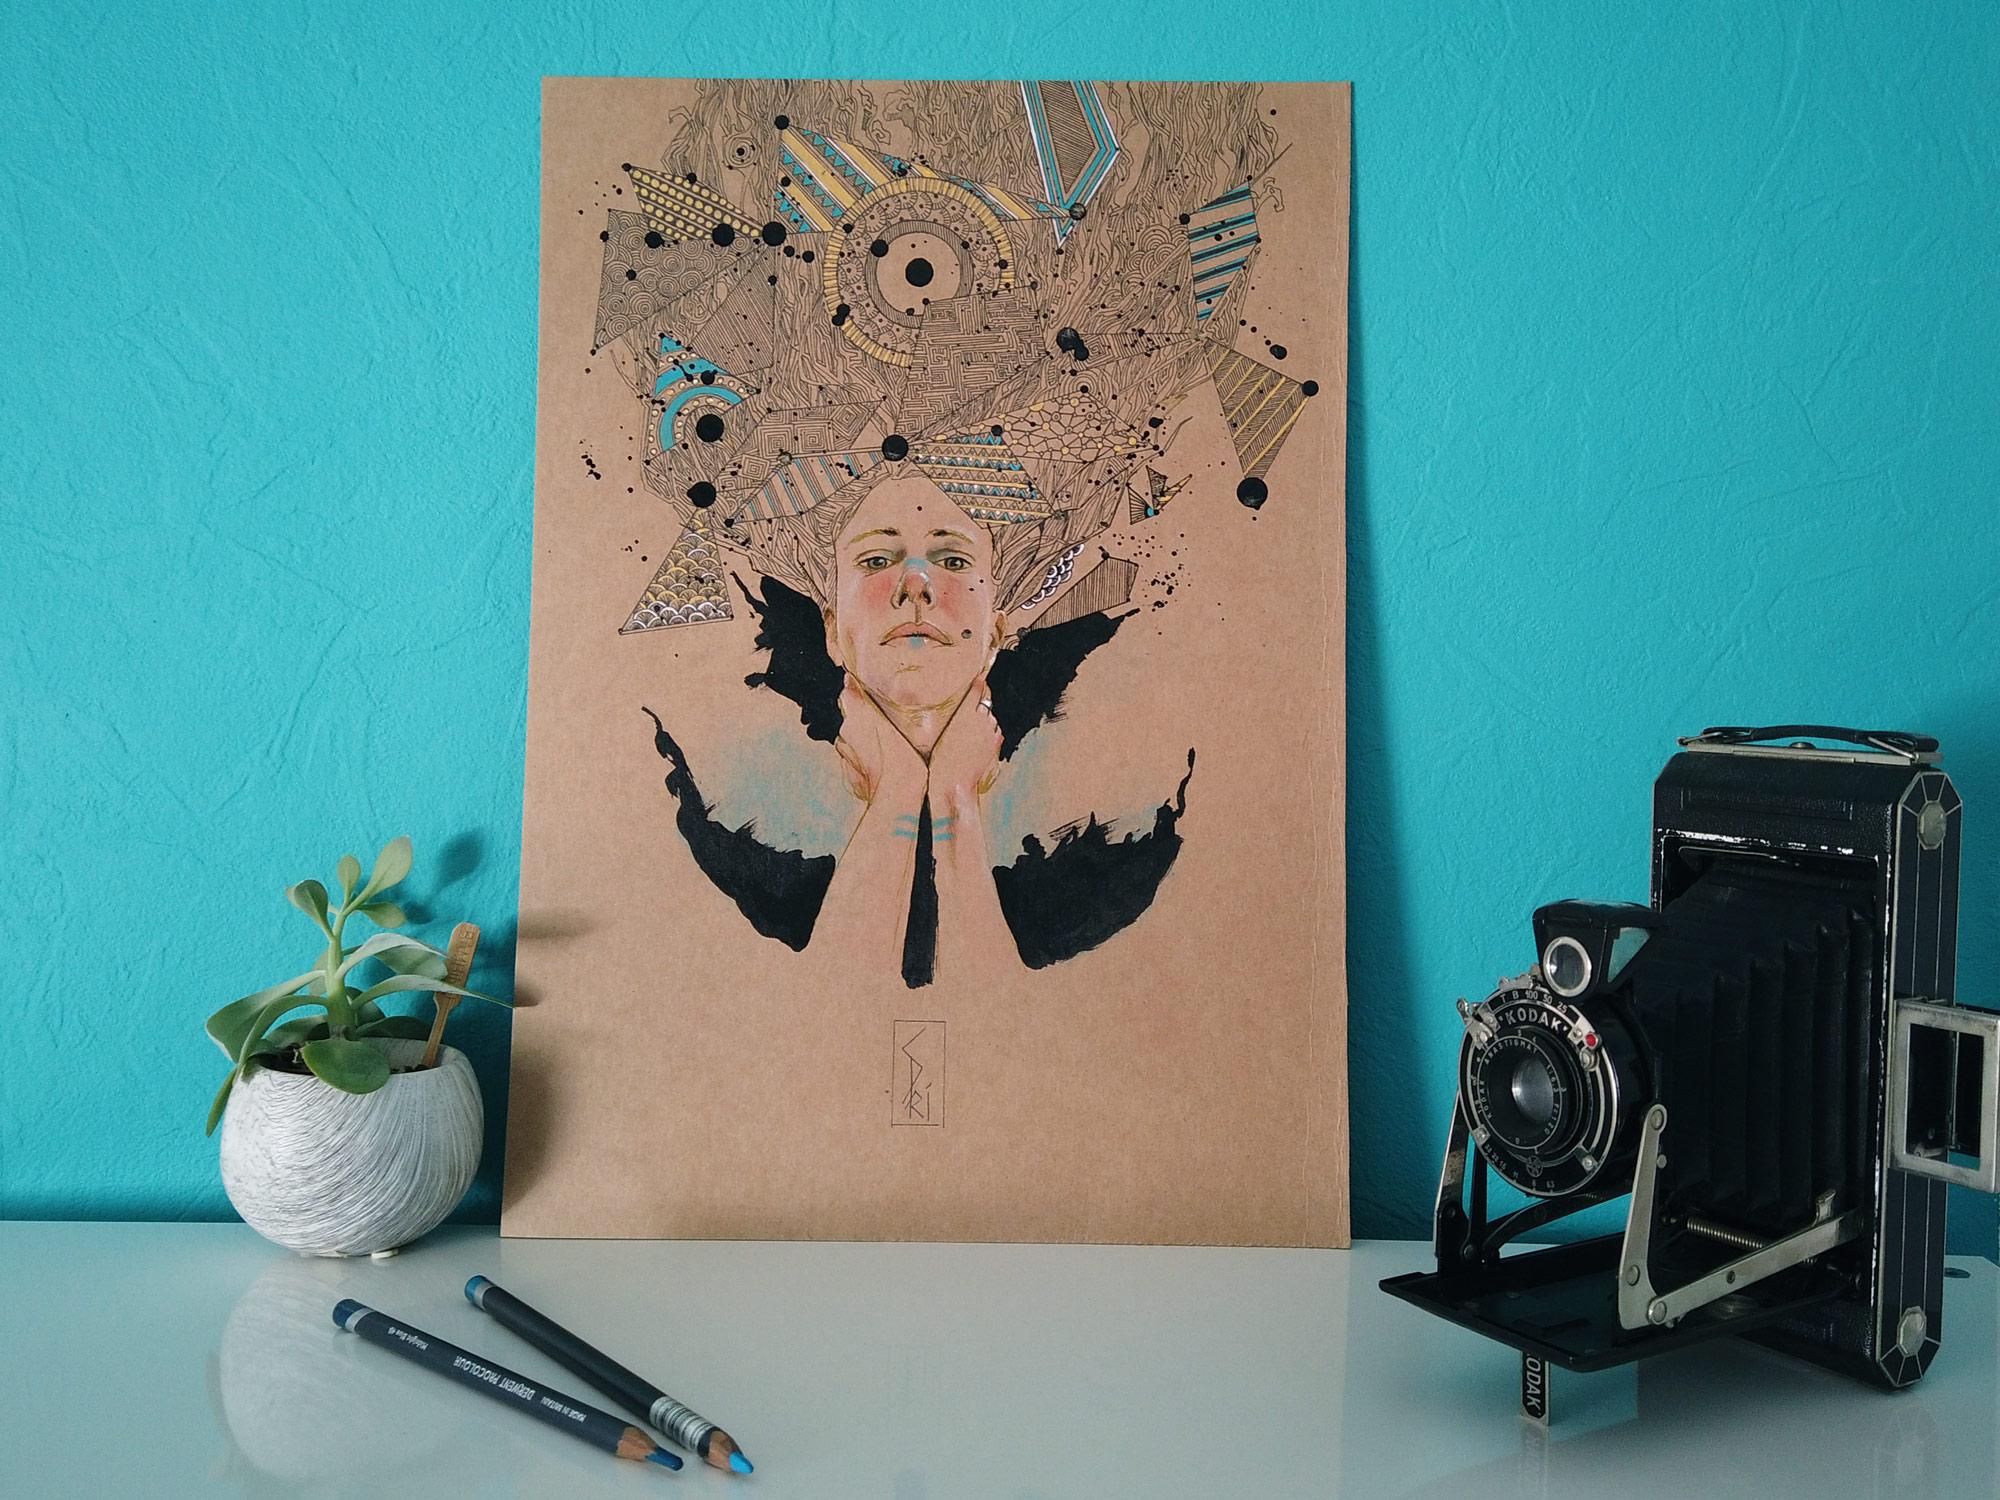 dessin pastel et encre par l'artiste Priscilla Seiller